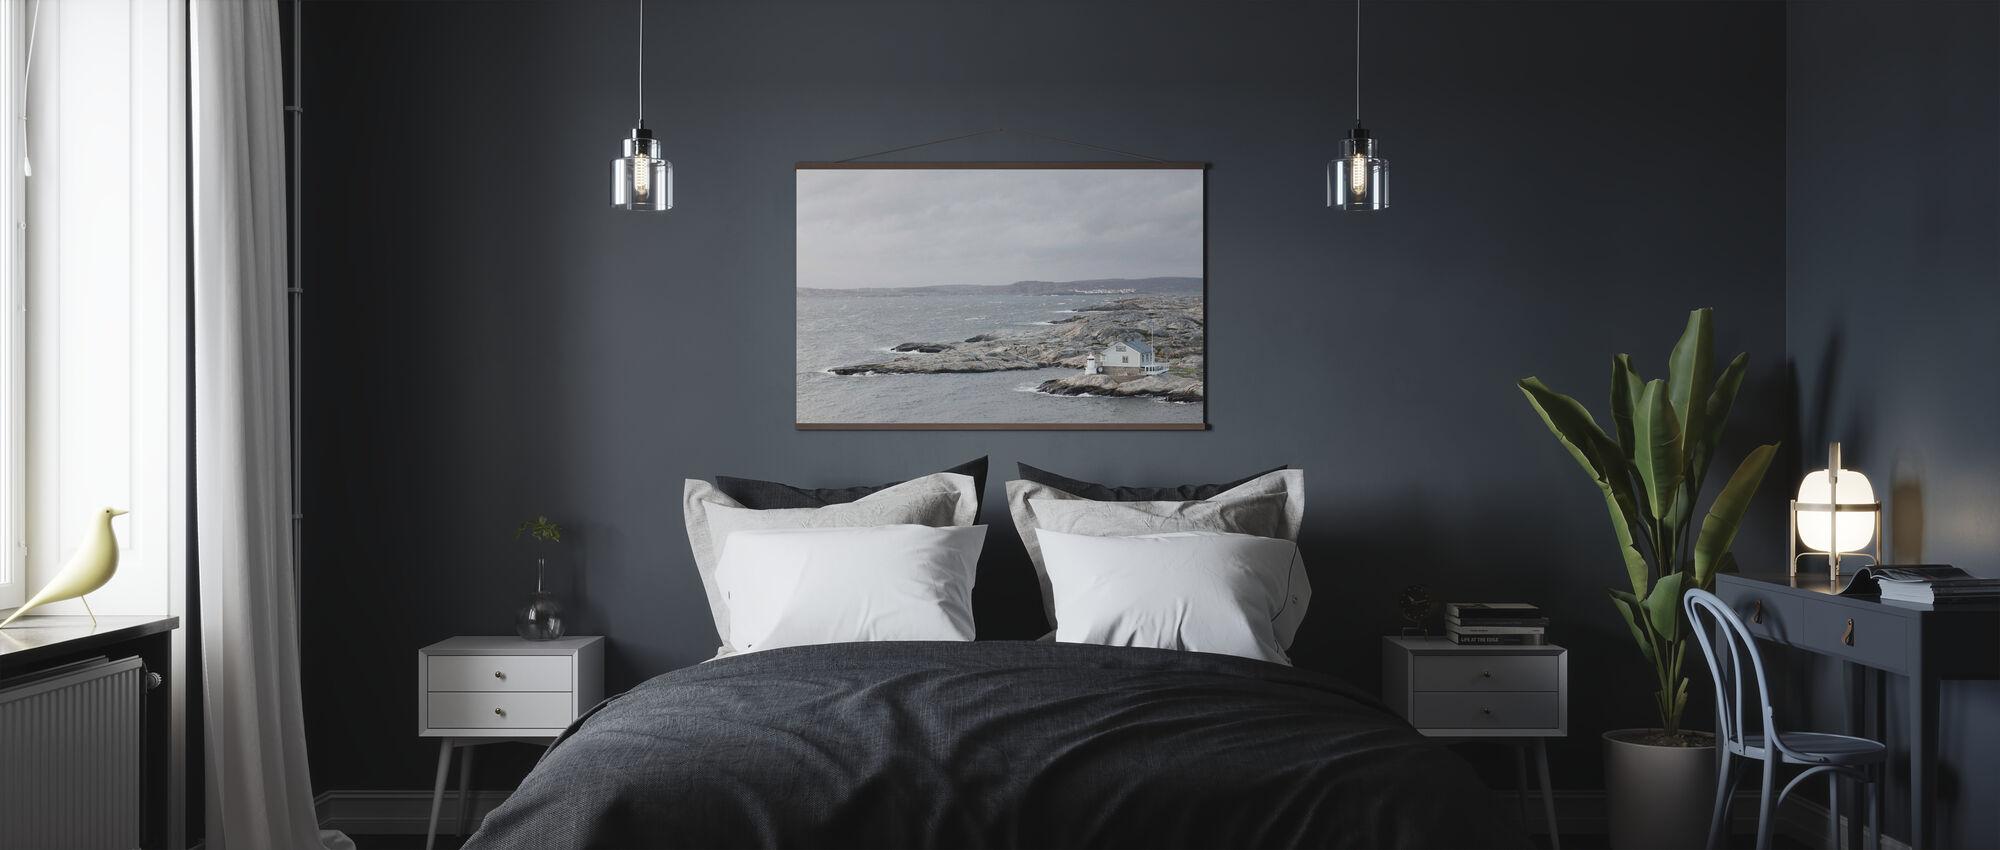 Leuchtturm in Bohuslan, Schweden - Poster - Schlafzimmer